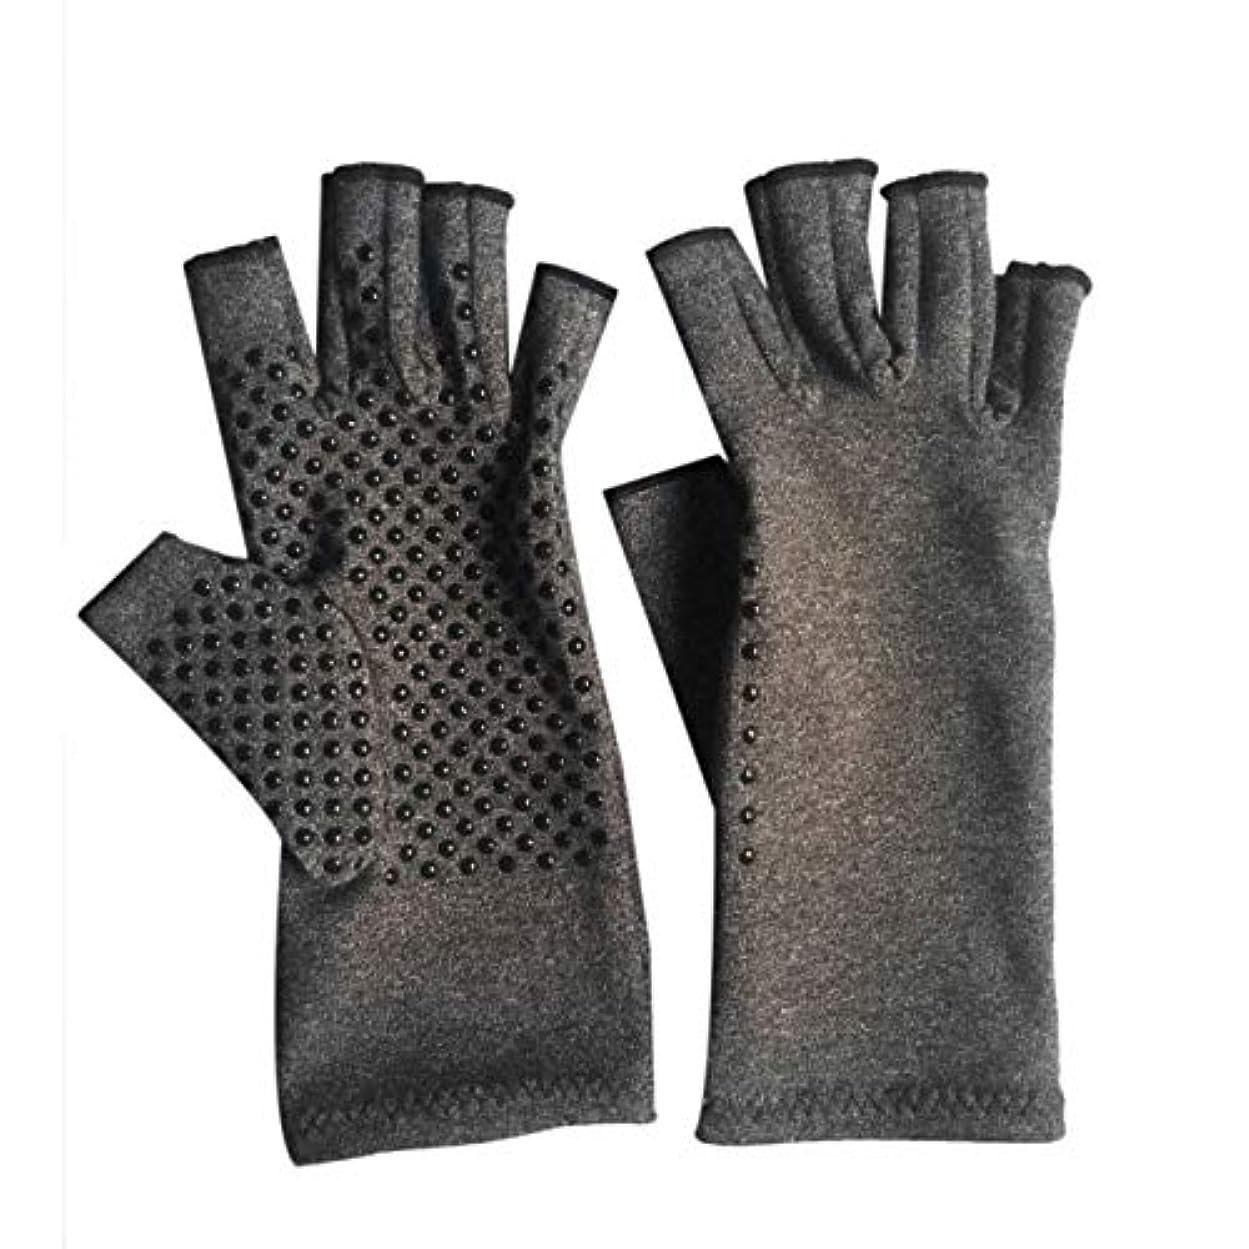 ぼかす励起効果DeeploveUU 1ペアユニセックス男性女性療法圧縮手袋関節炎関節痛緩和ヘルスケアハーフフィンガーグローブトレーニンググローブ